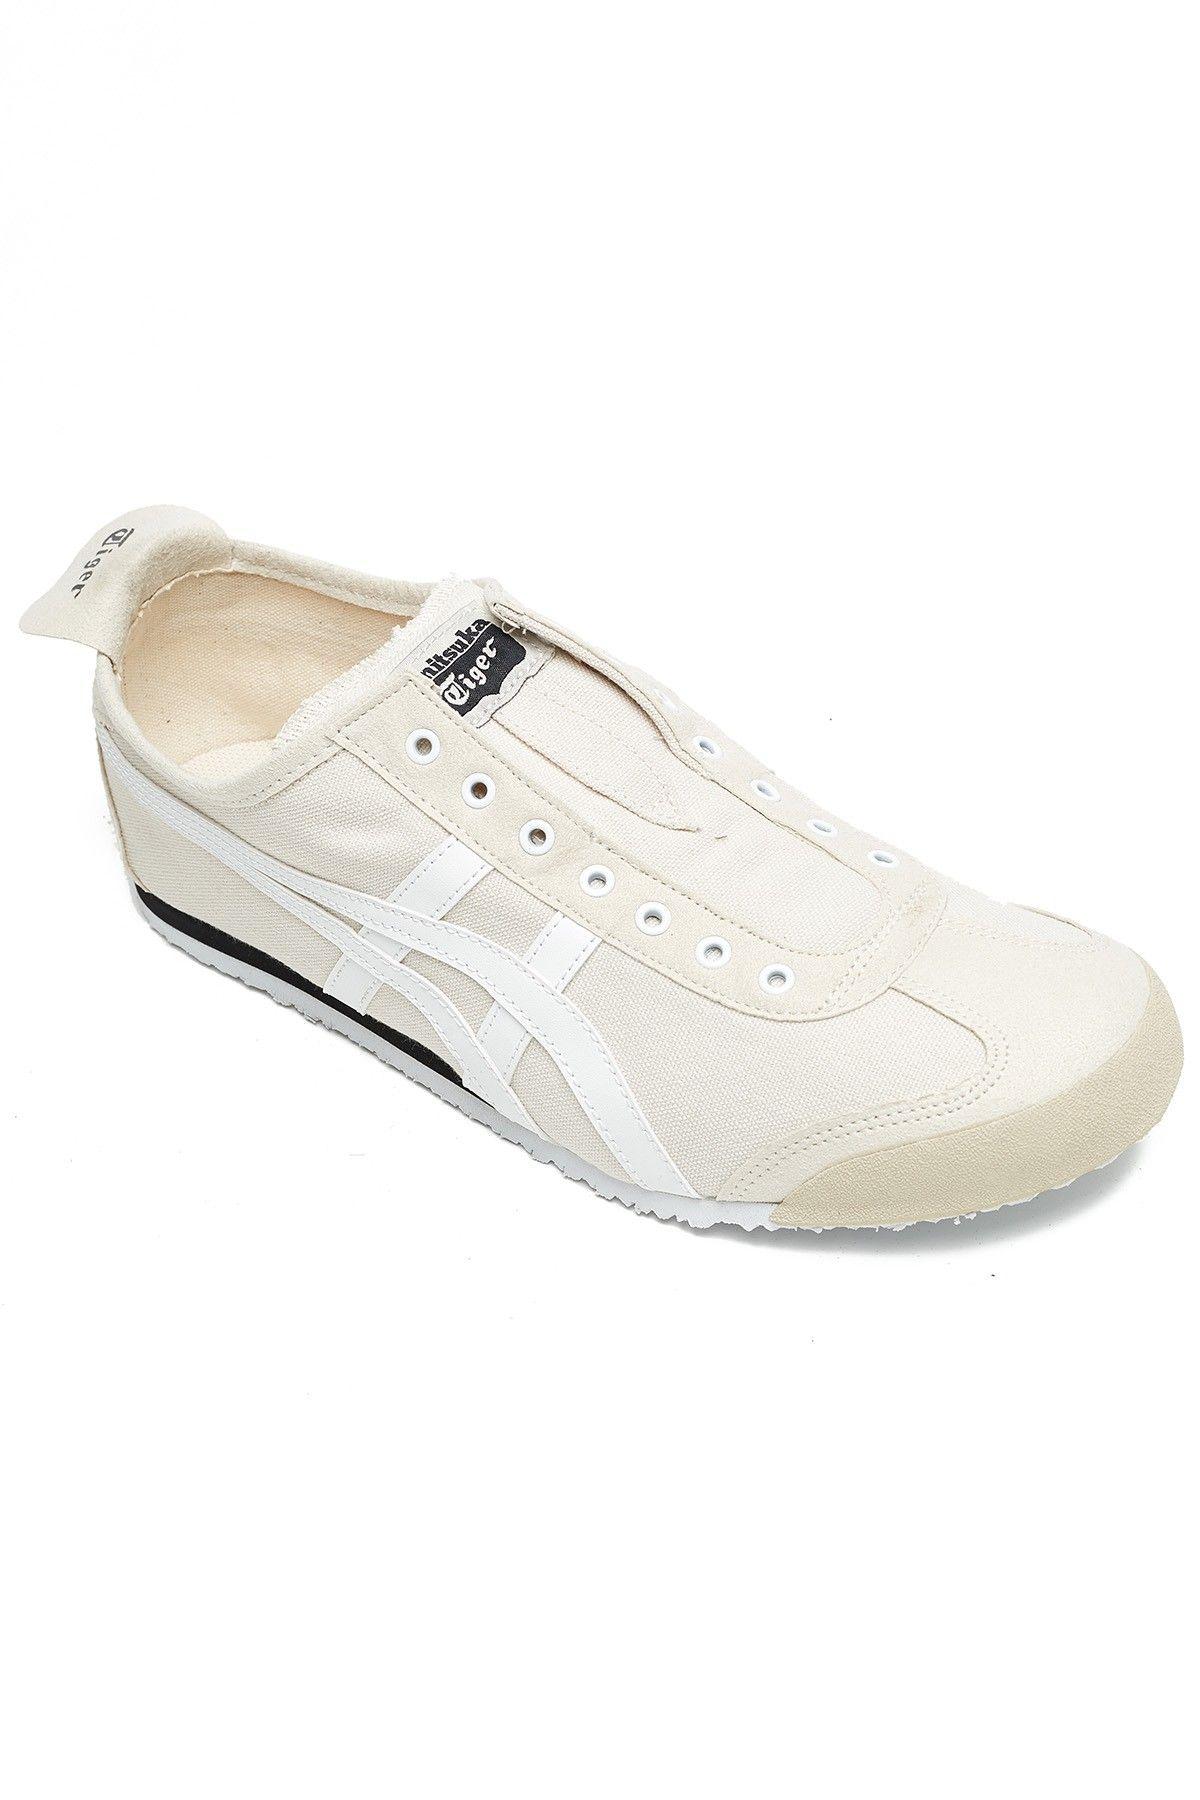 onitsuka tiger mexico 66 shoes size chart en mexico por sole